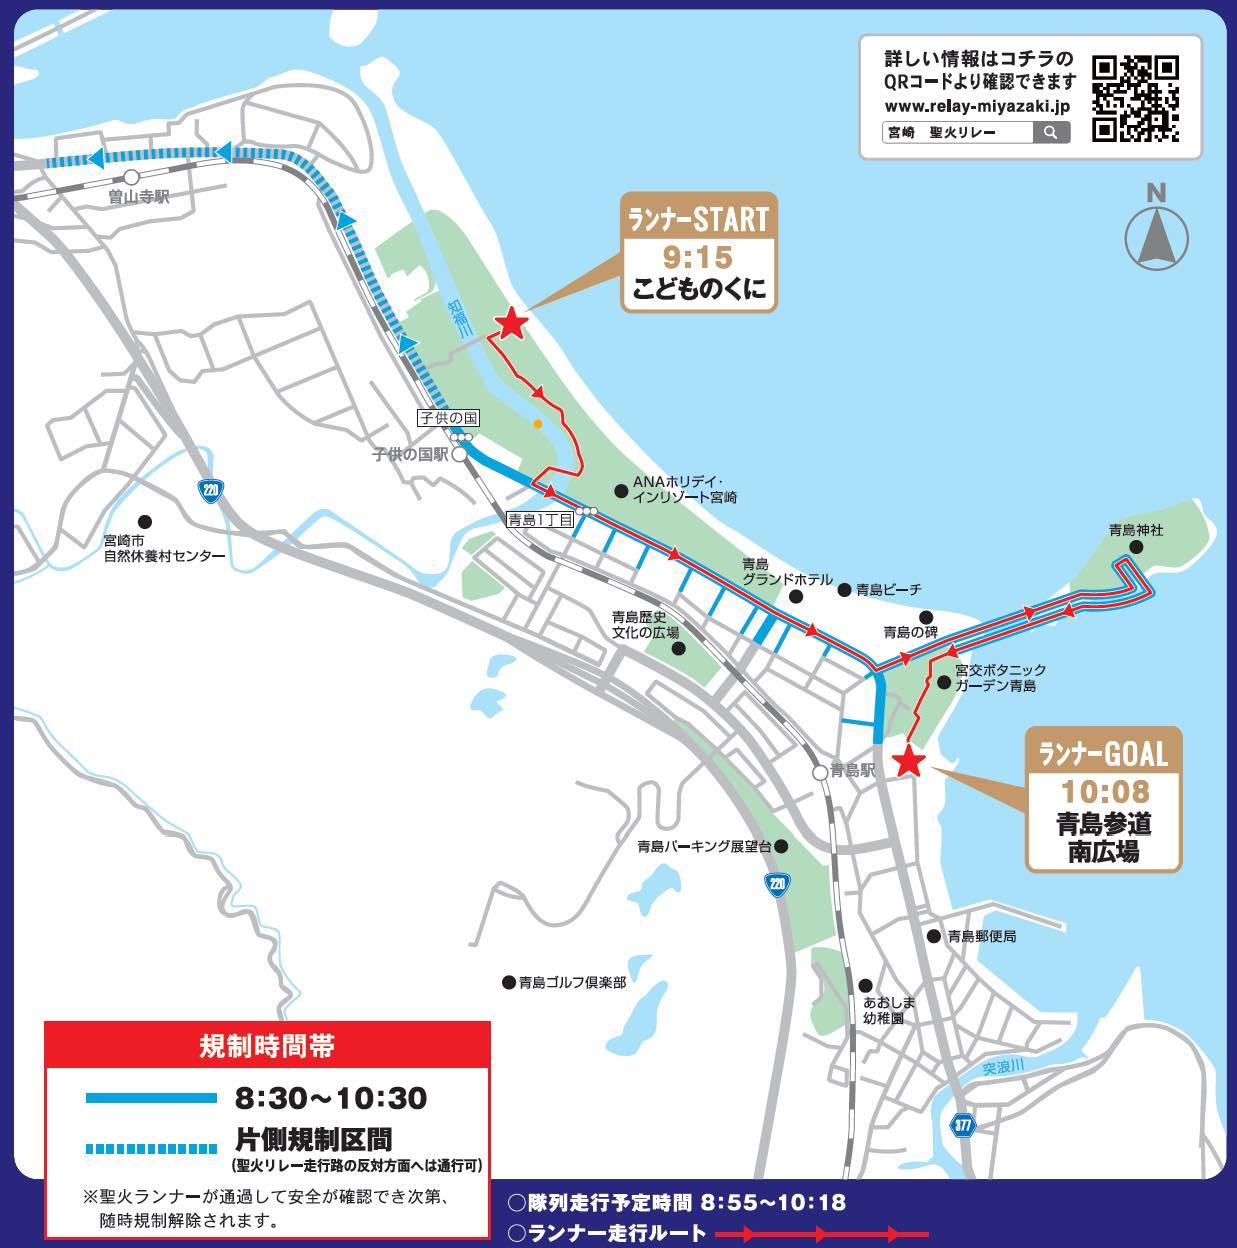 TOKYOオリンピック聖火リレーに伴う交通規制について